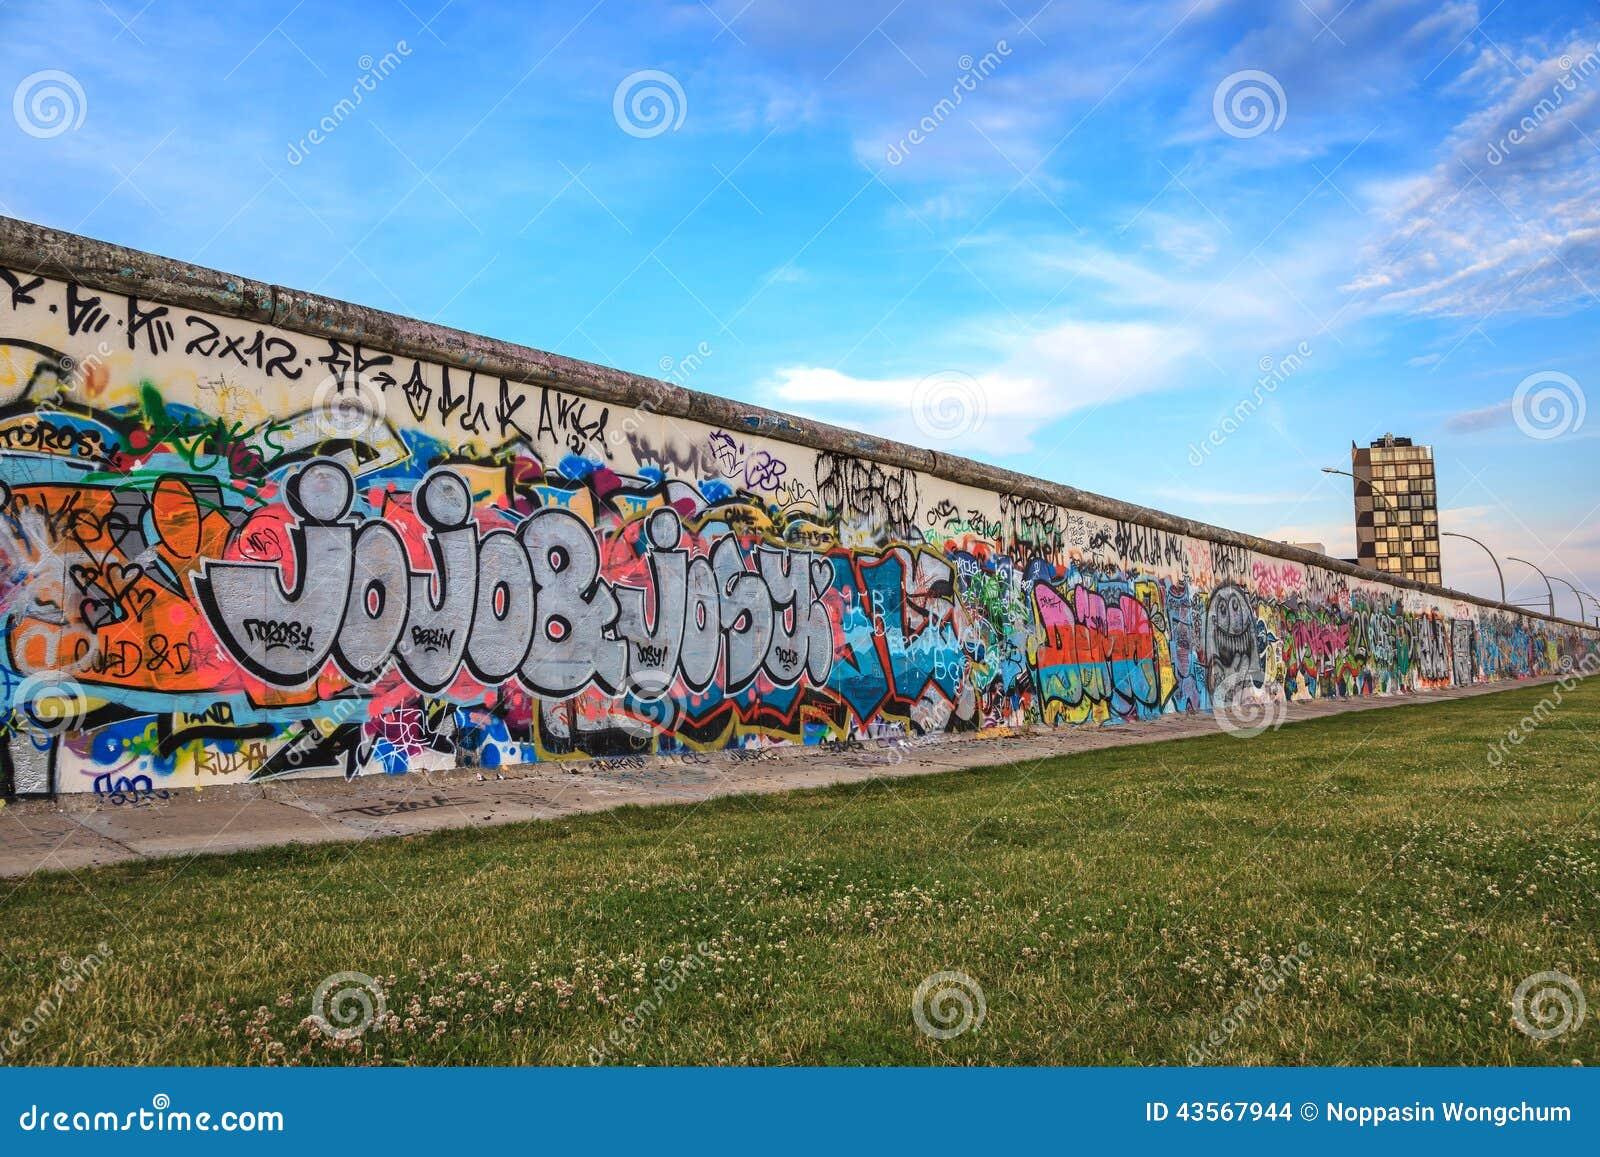 Berlin Wall - Germany